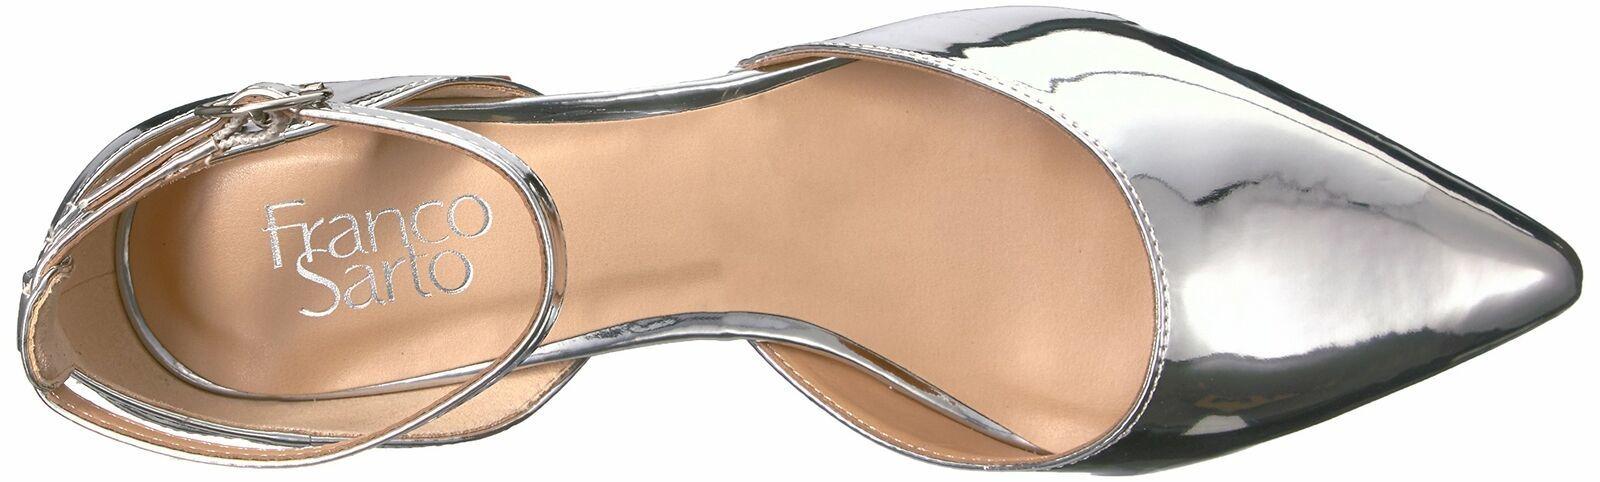 Franco Sarto Women's Caleigh Pump 6.5 Silver image 5